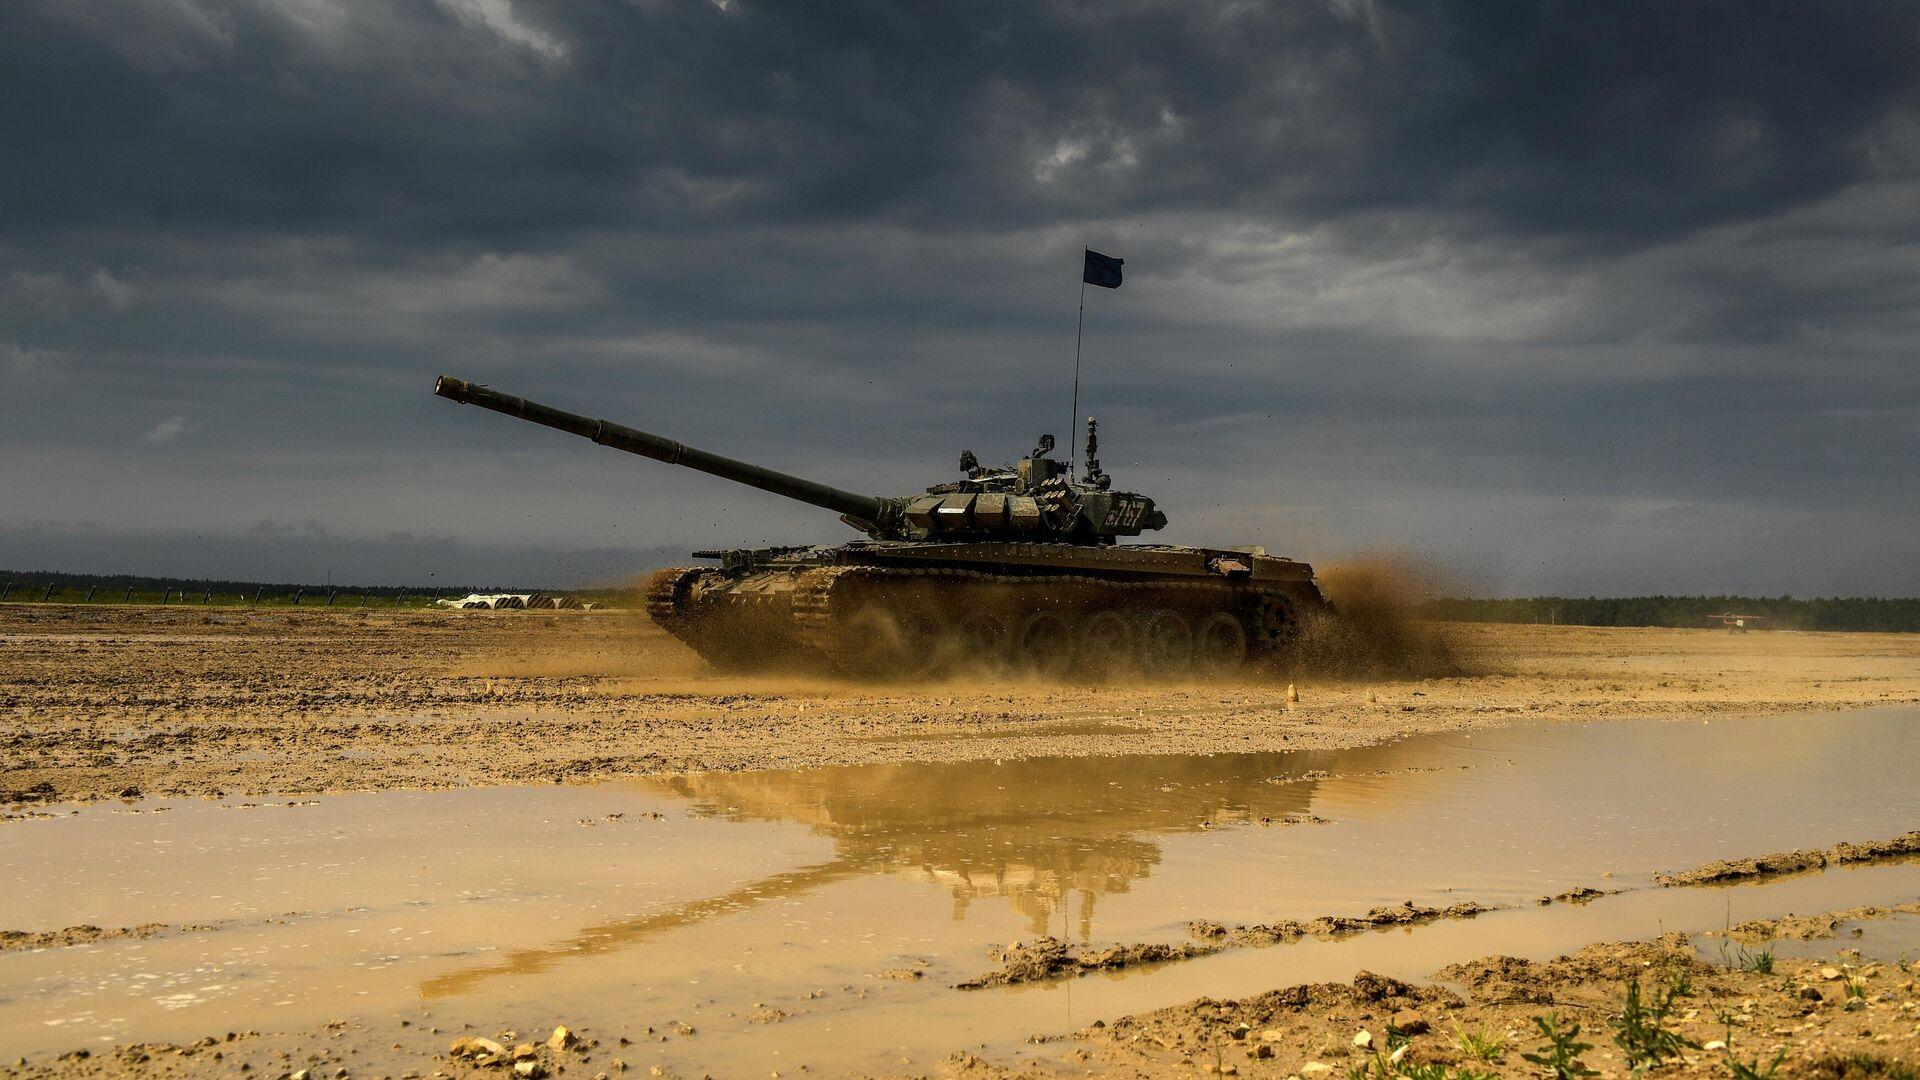 Танк Т-72Б3 во время учений Таманской дивизии на одном из полигонов Западного военного округа в Подмосковье - РИА Новости, 1920, 21.09.2020